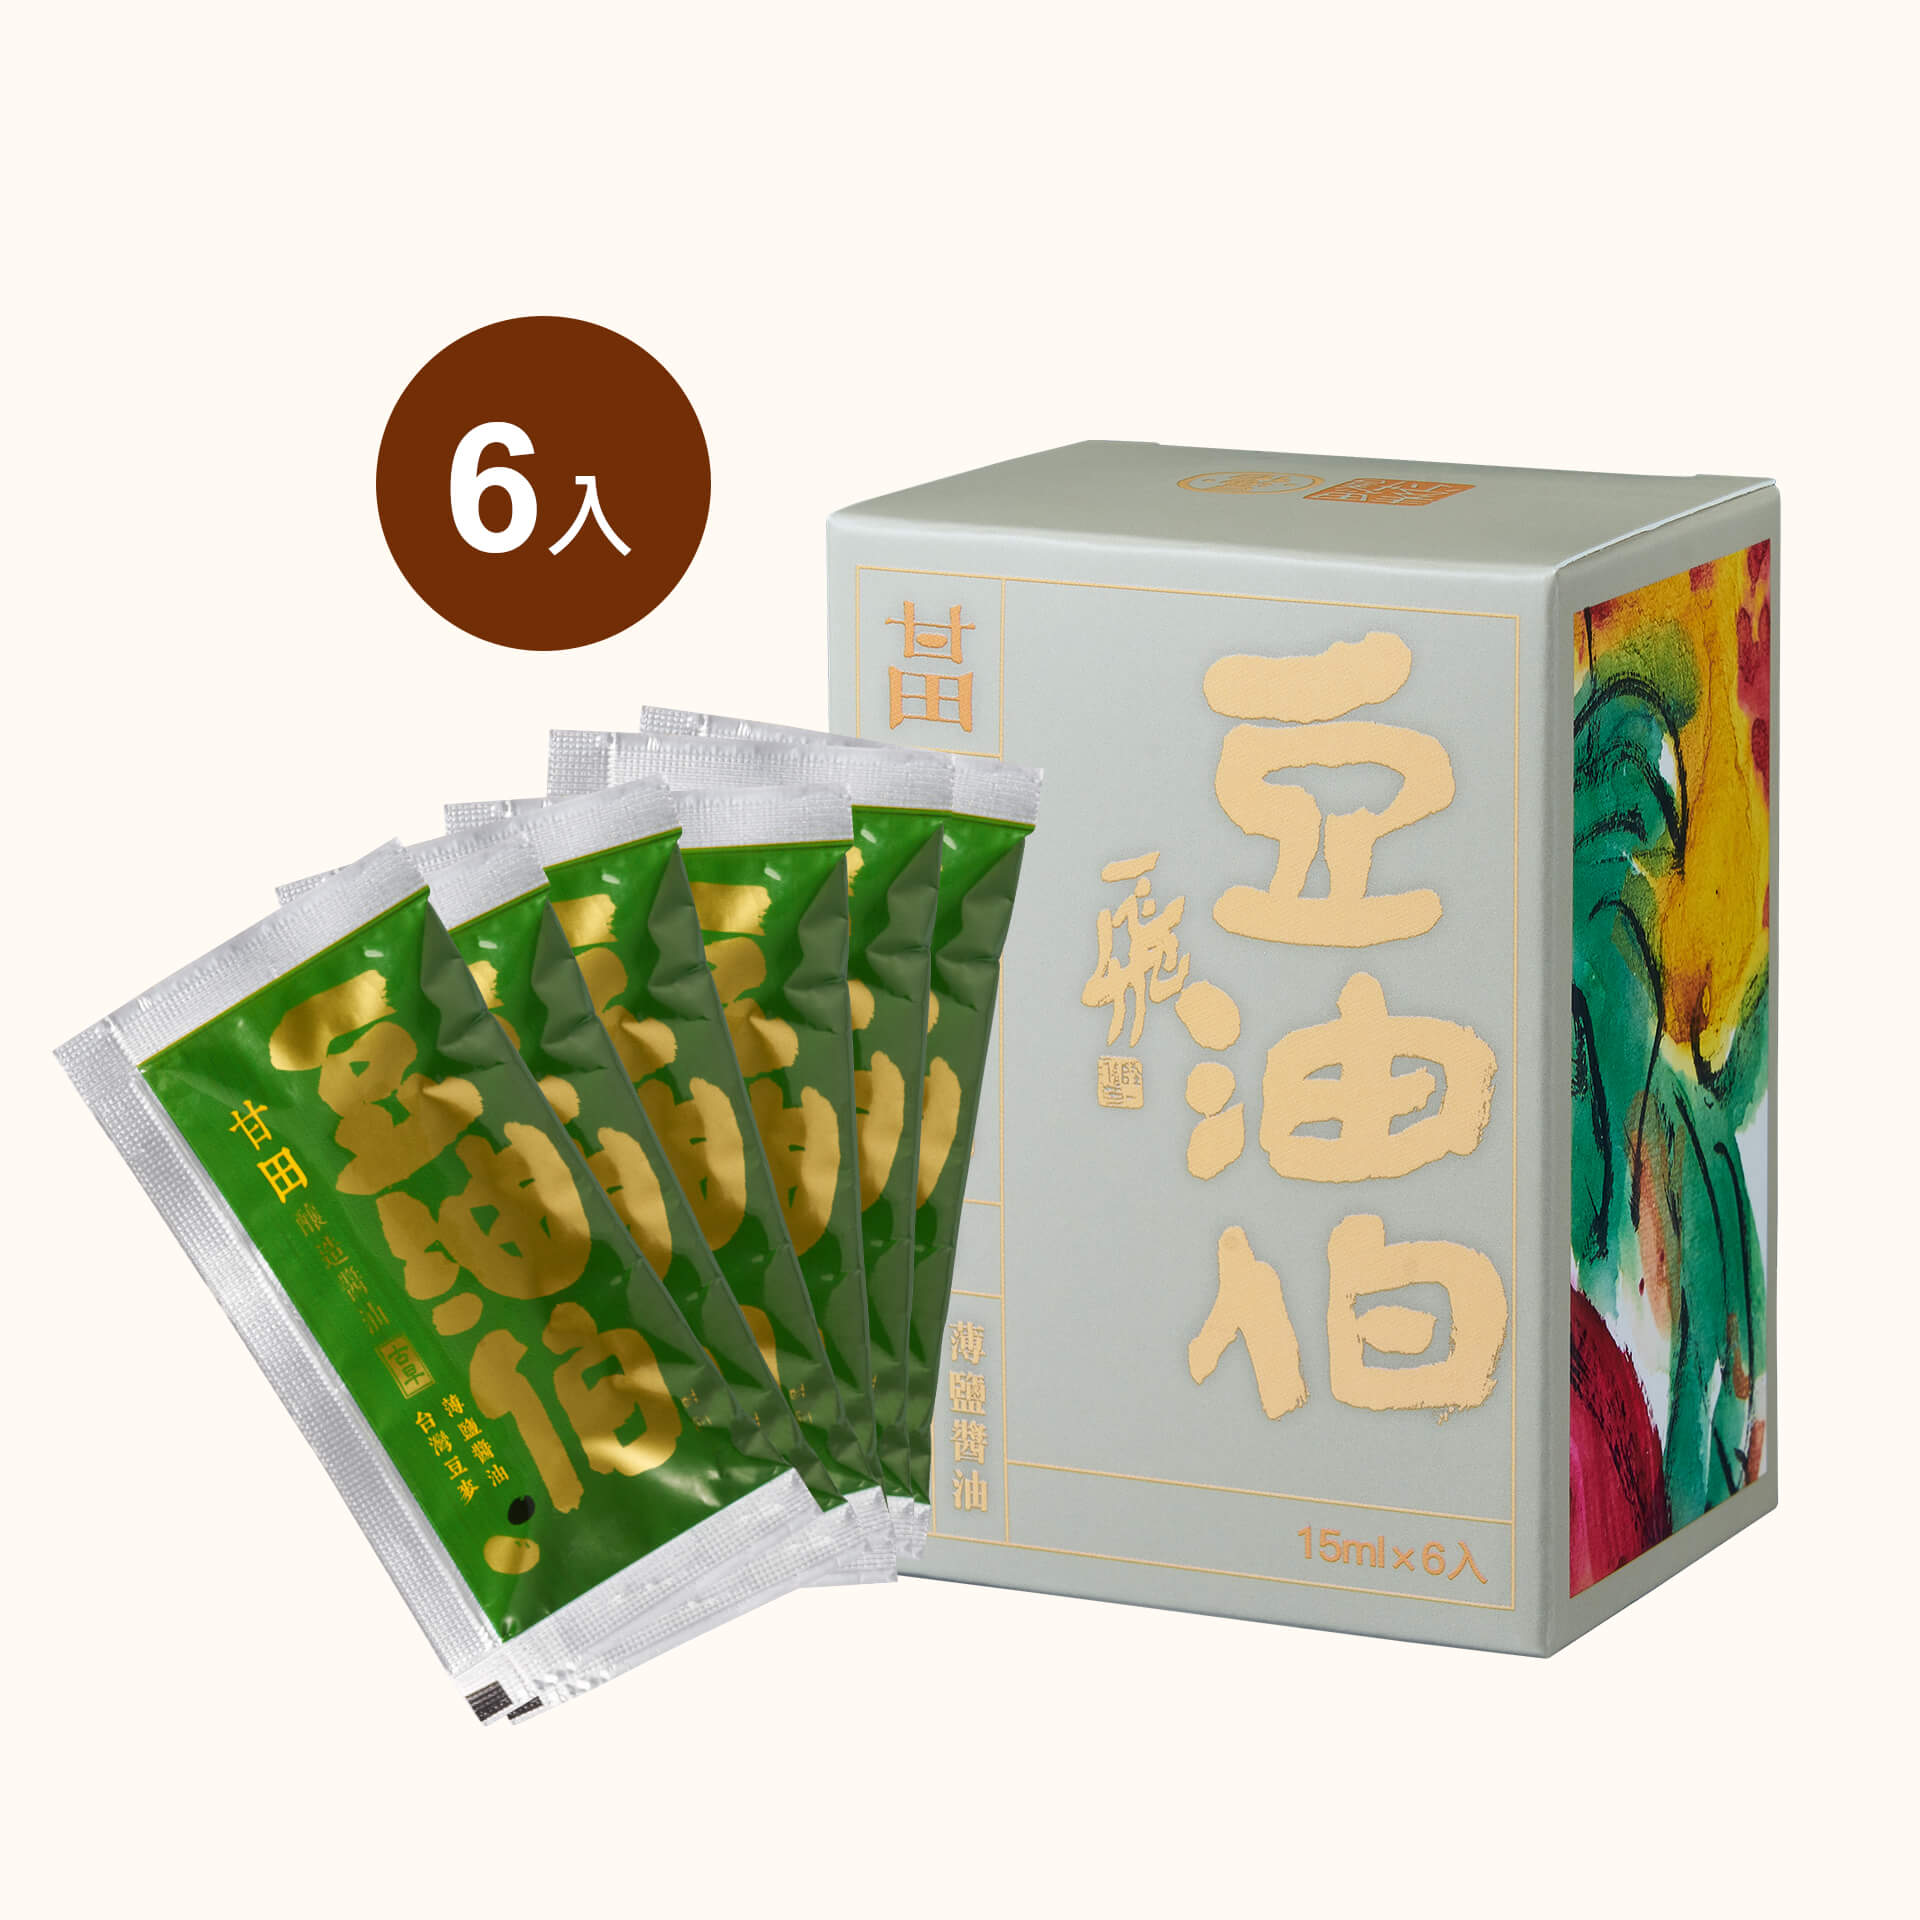 【新客限定】豆油伯甘田釀造醬油(6入隨身包)